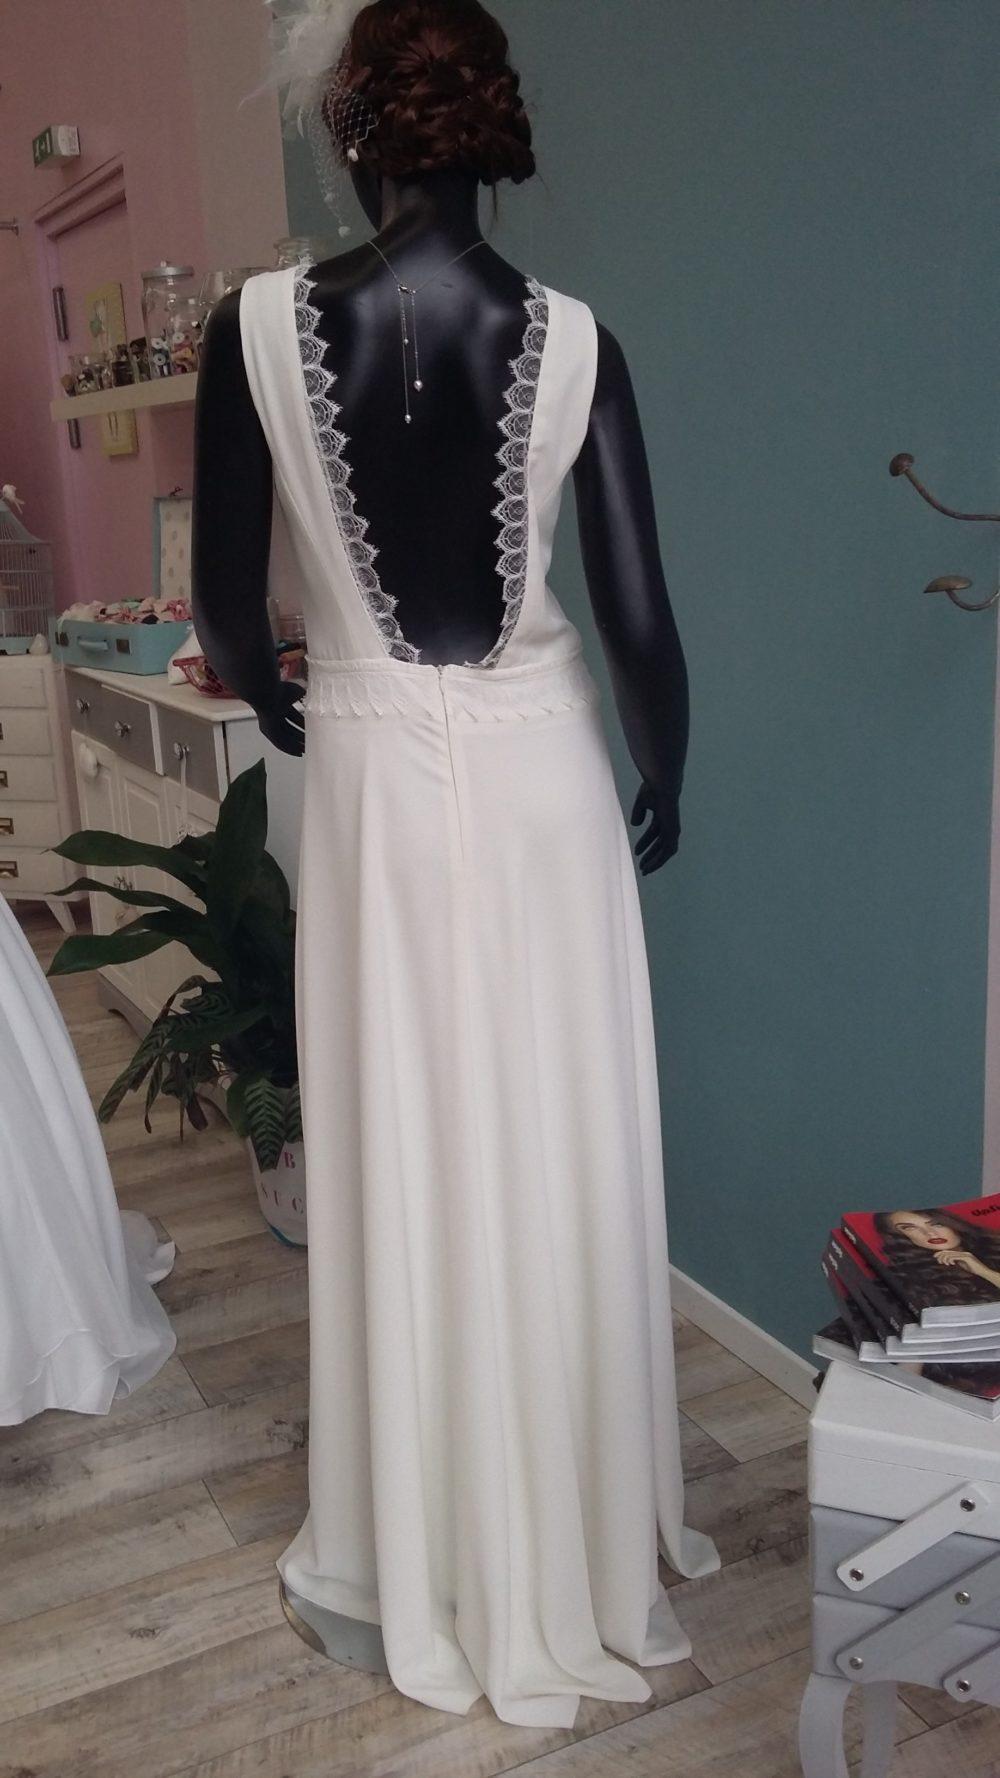 Robe de mariée à domicile - PAULINE - Robe fluide - boutique de mariage Cholet - robe de mariée de créateur - dos nu - dentelle